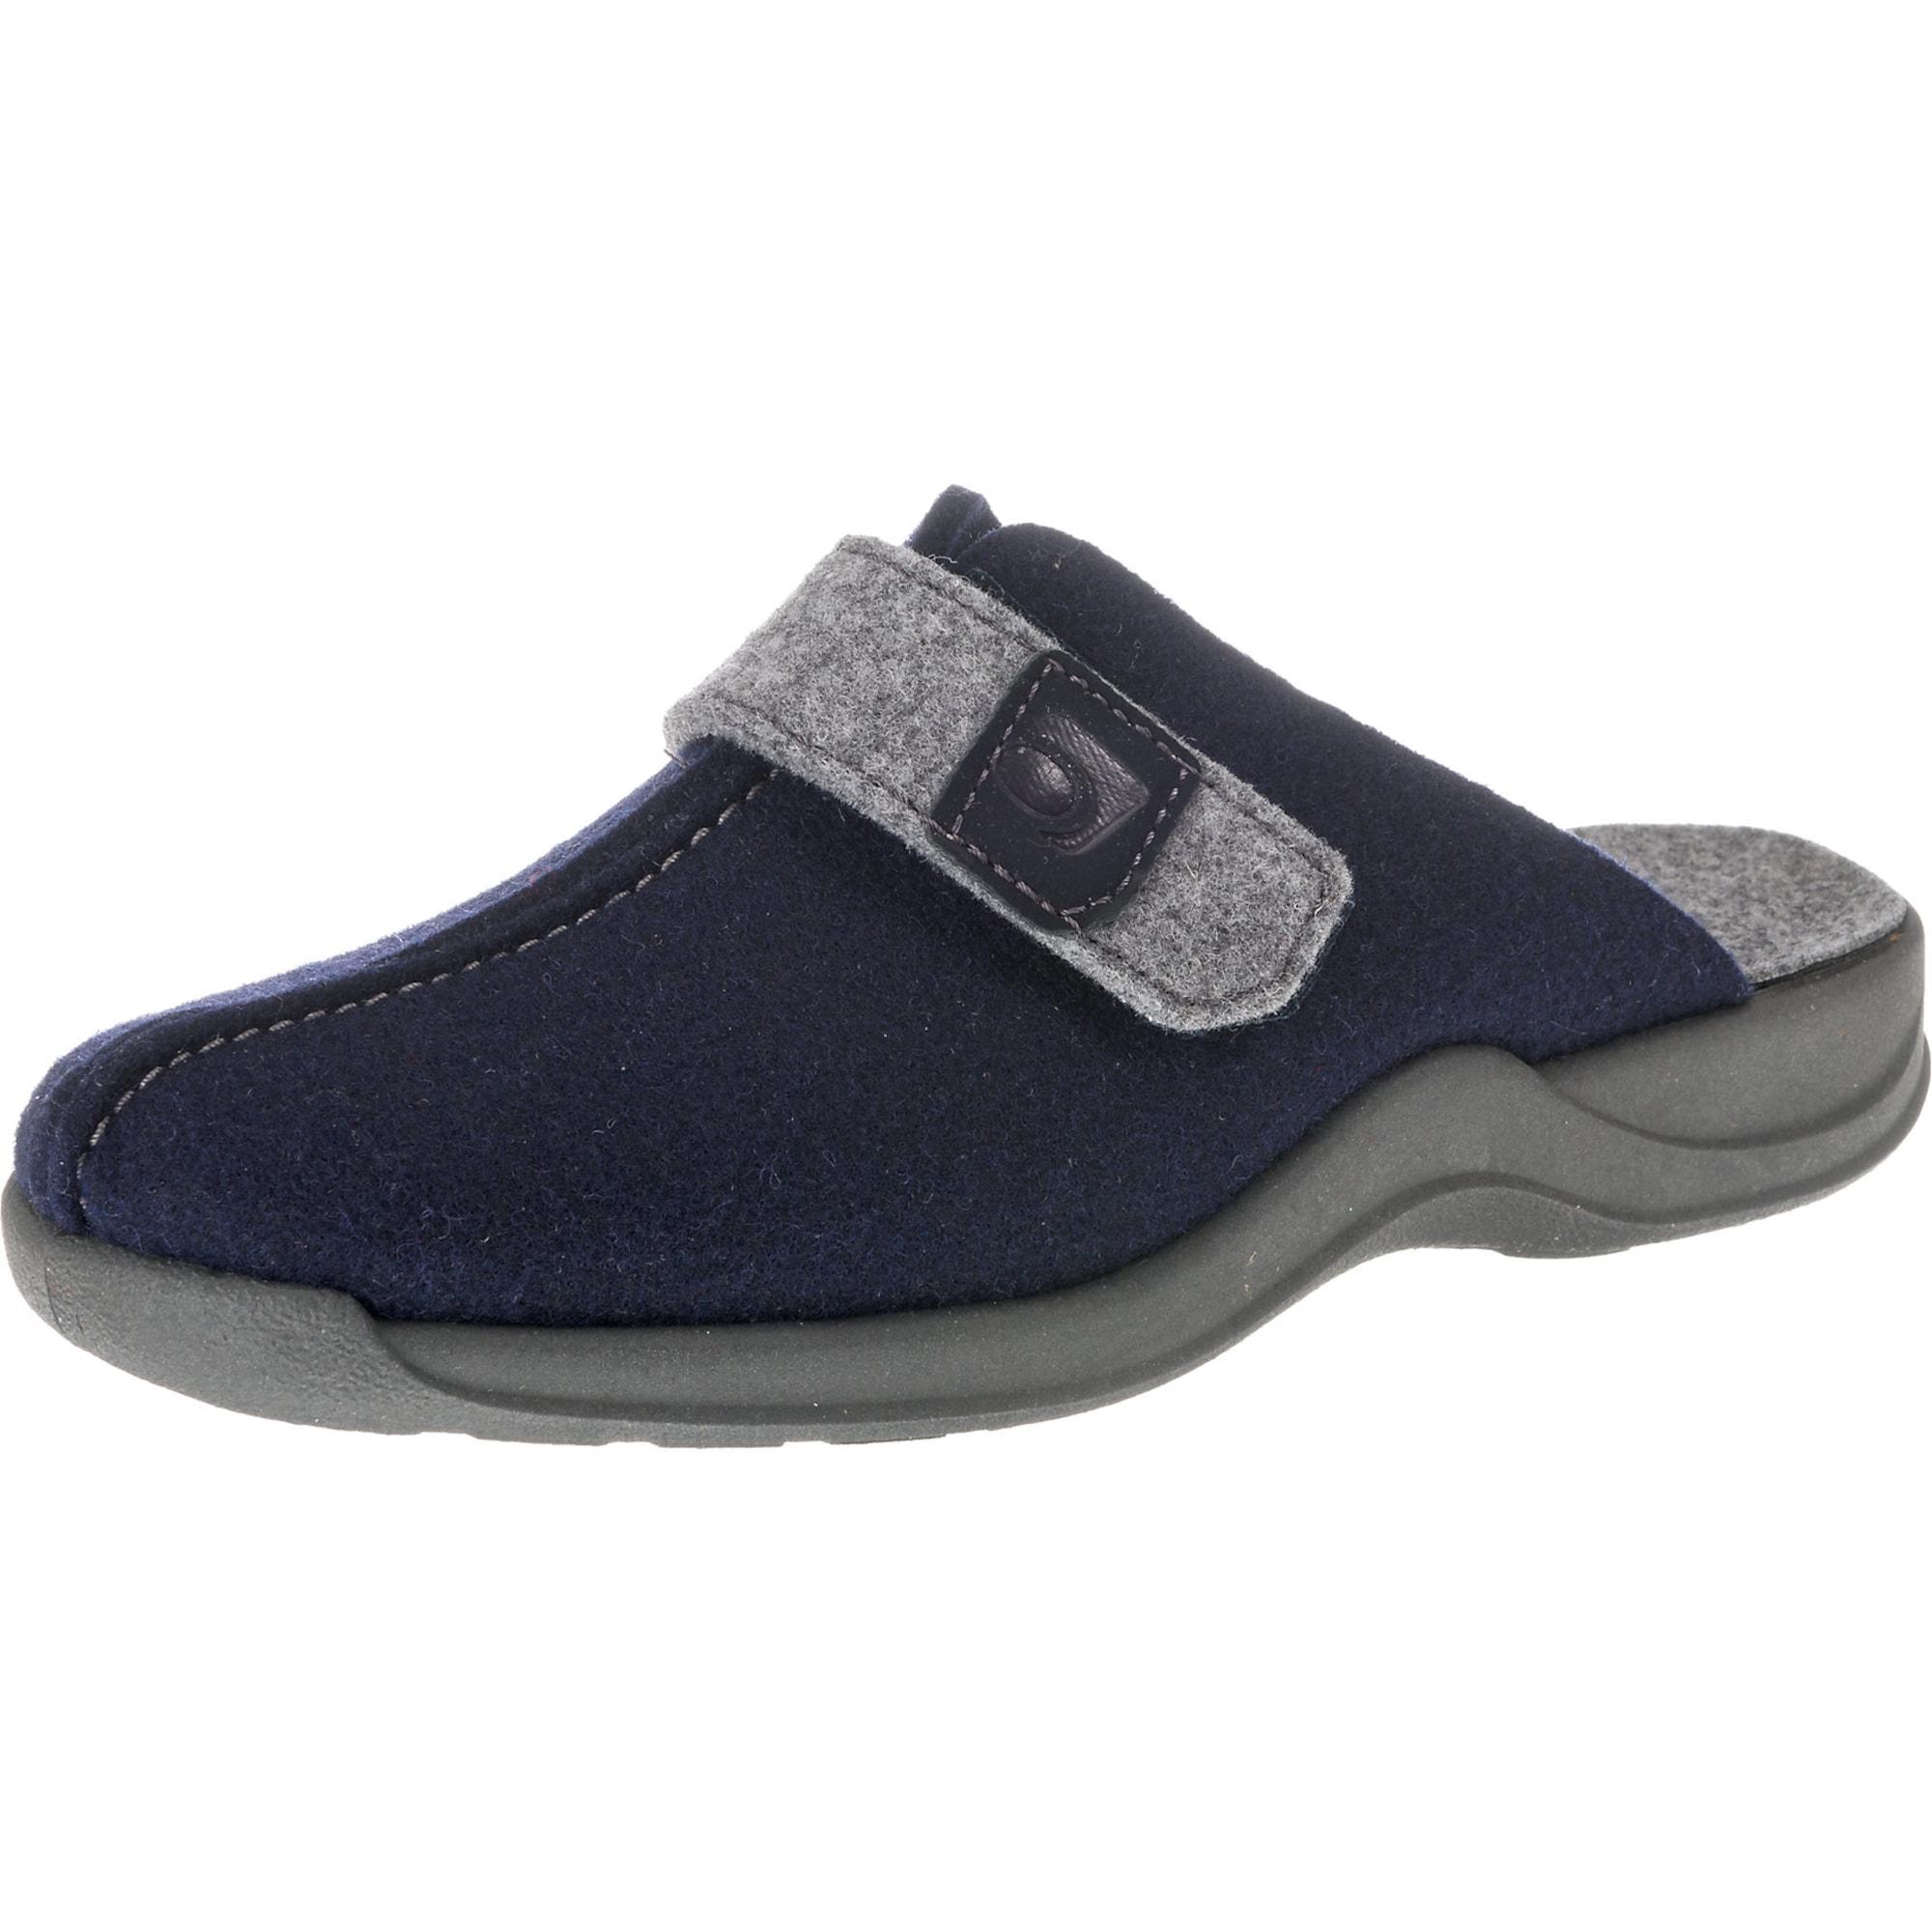 Pantoffeln 'Vaasa-D' | Schuhe > Hausschuhe | Blau | ROHDE